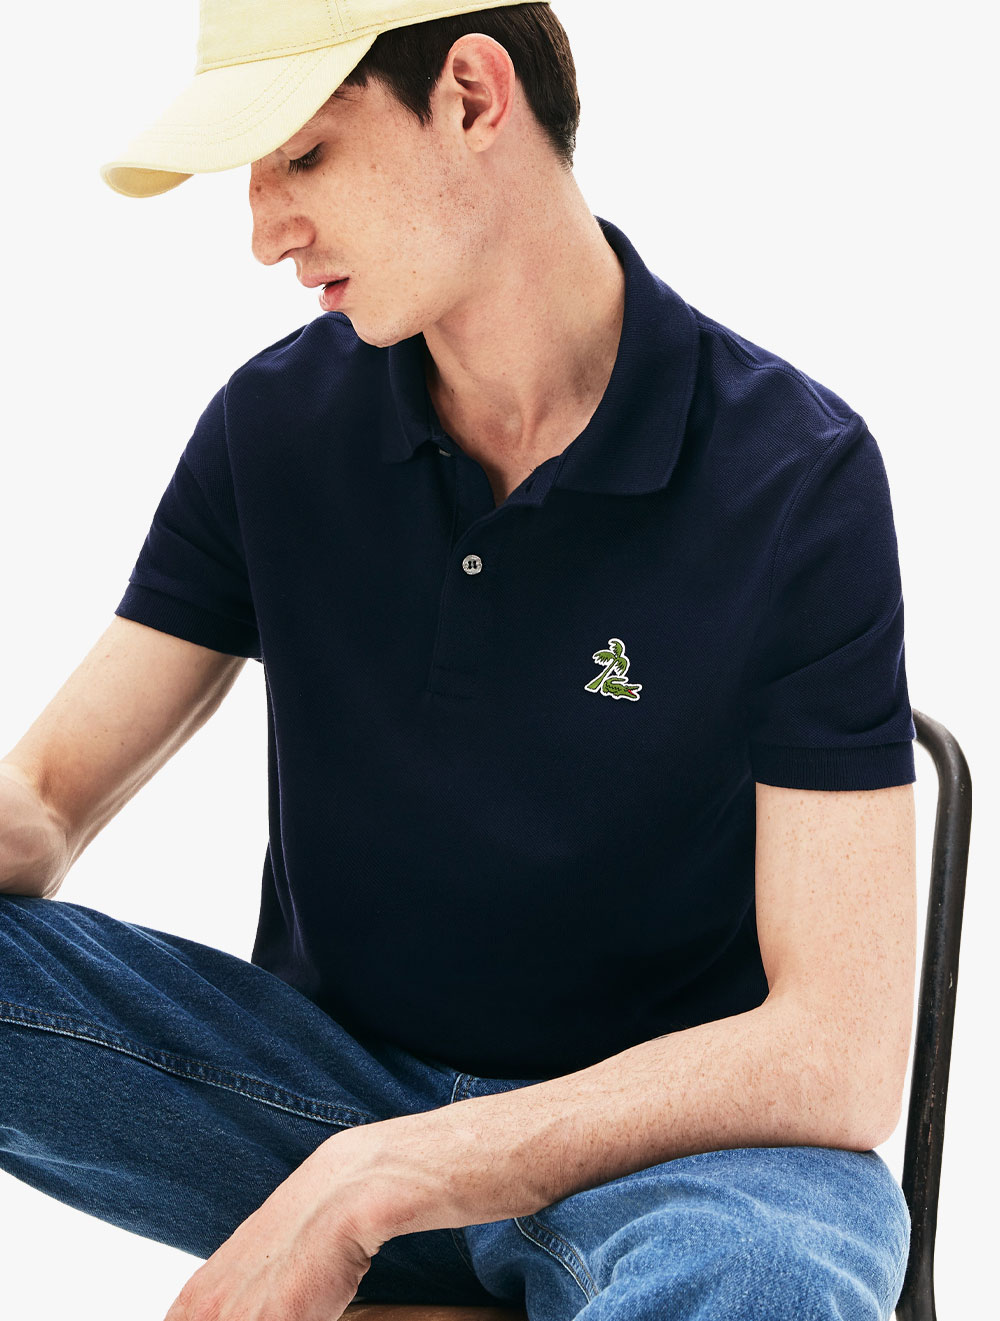 Fit Palm Men's Lacoste Shirt Petit Polo Cotton Piqué Regular Tree Croc 6fgyYbv7